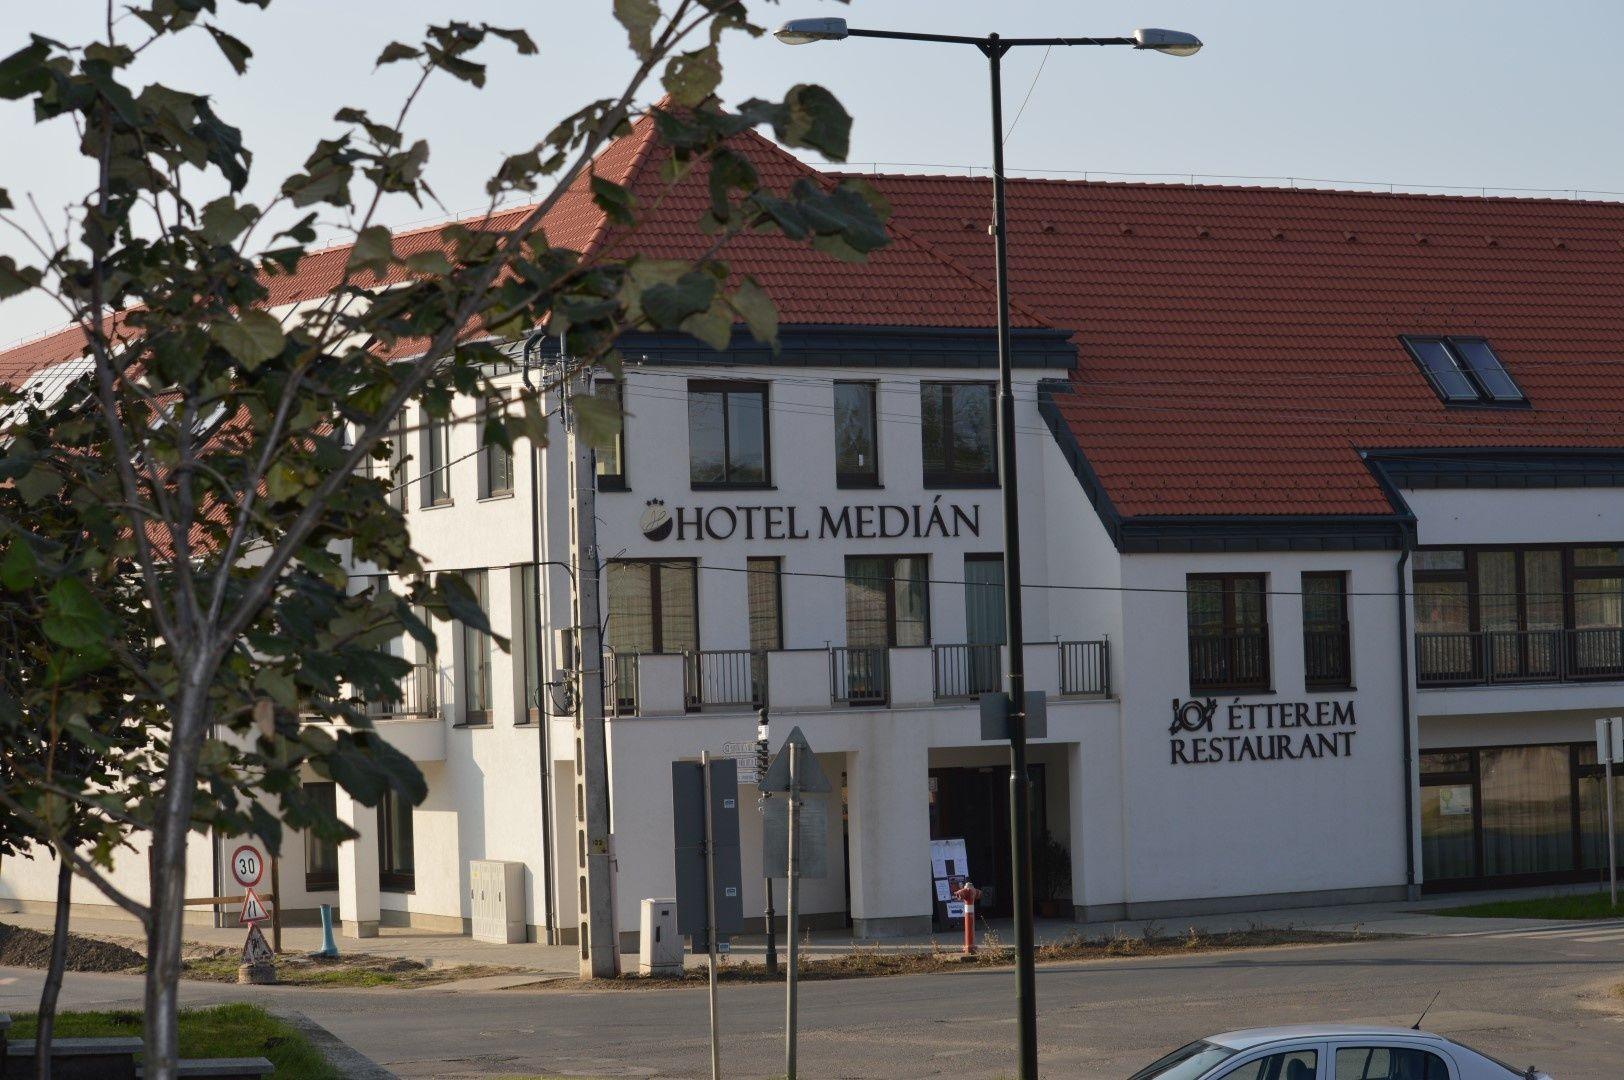 Hotel Median Hajdúnánás - Medián Hotel*** külső fotó